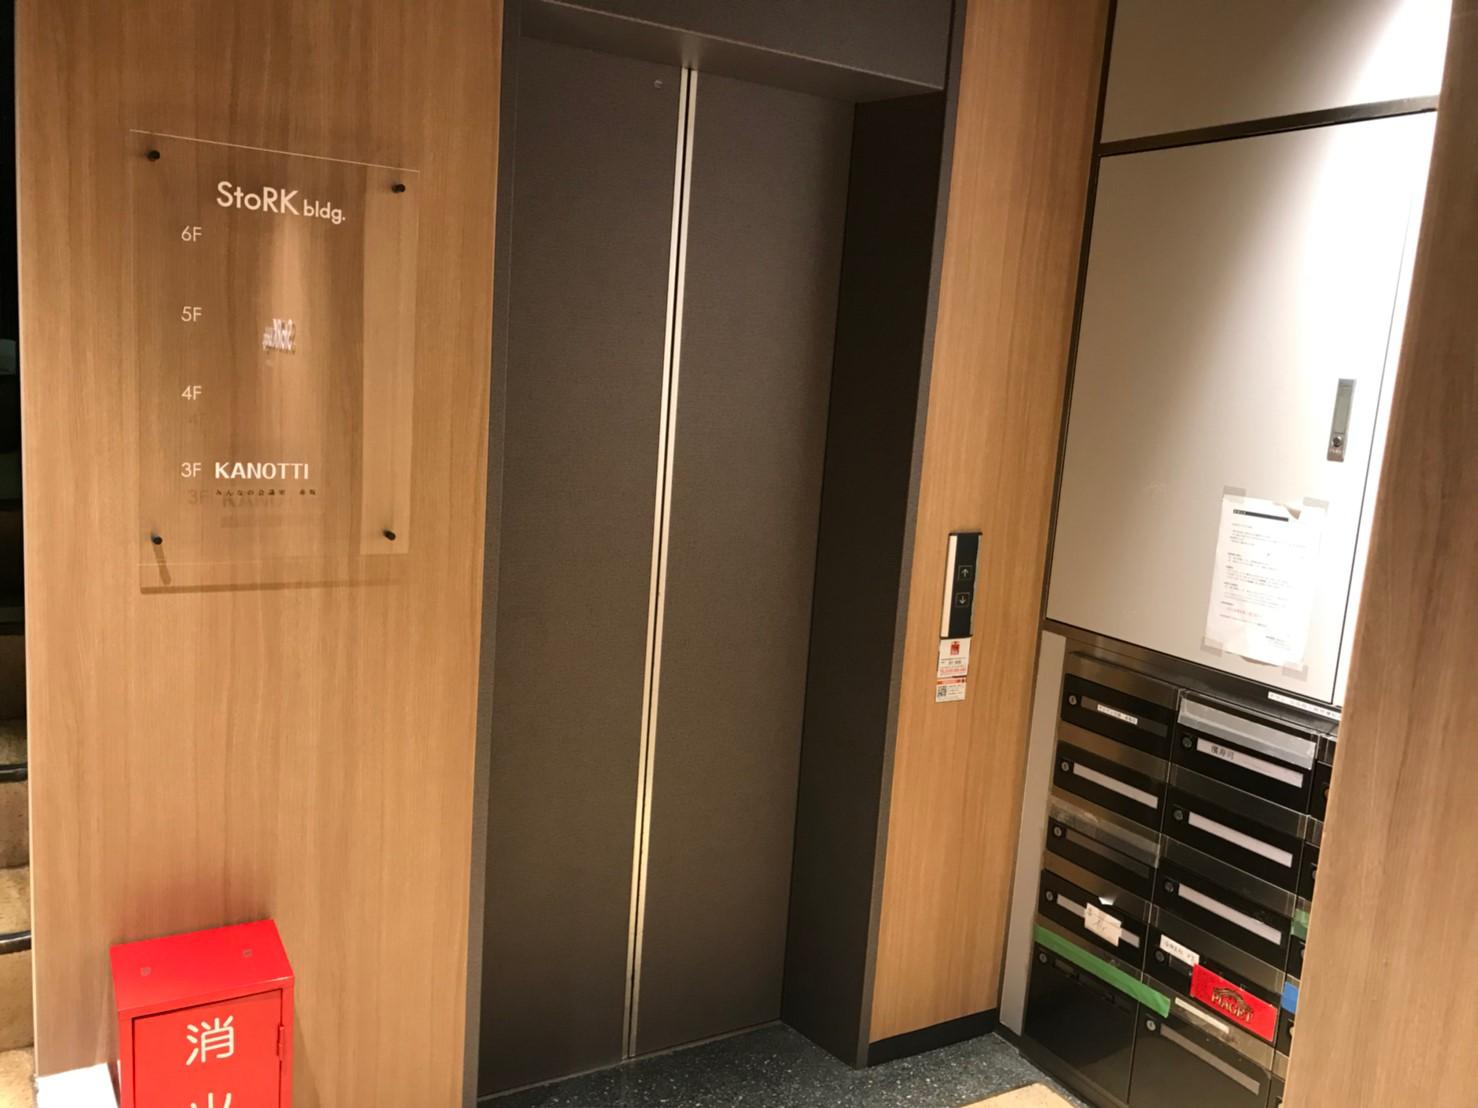 みんなの会議室 赤坂 | ビルエントランス エレベーター|TIME SHARING|タイムシェアリング |スペースマネジメント|あどばる|adval